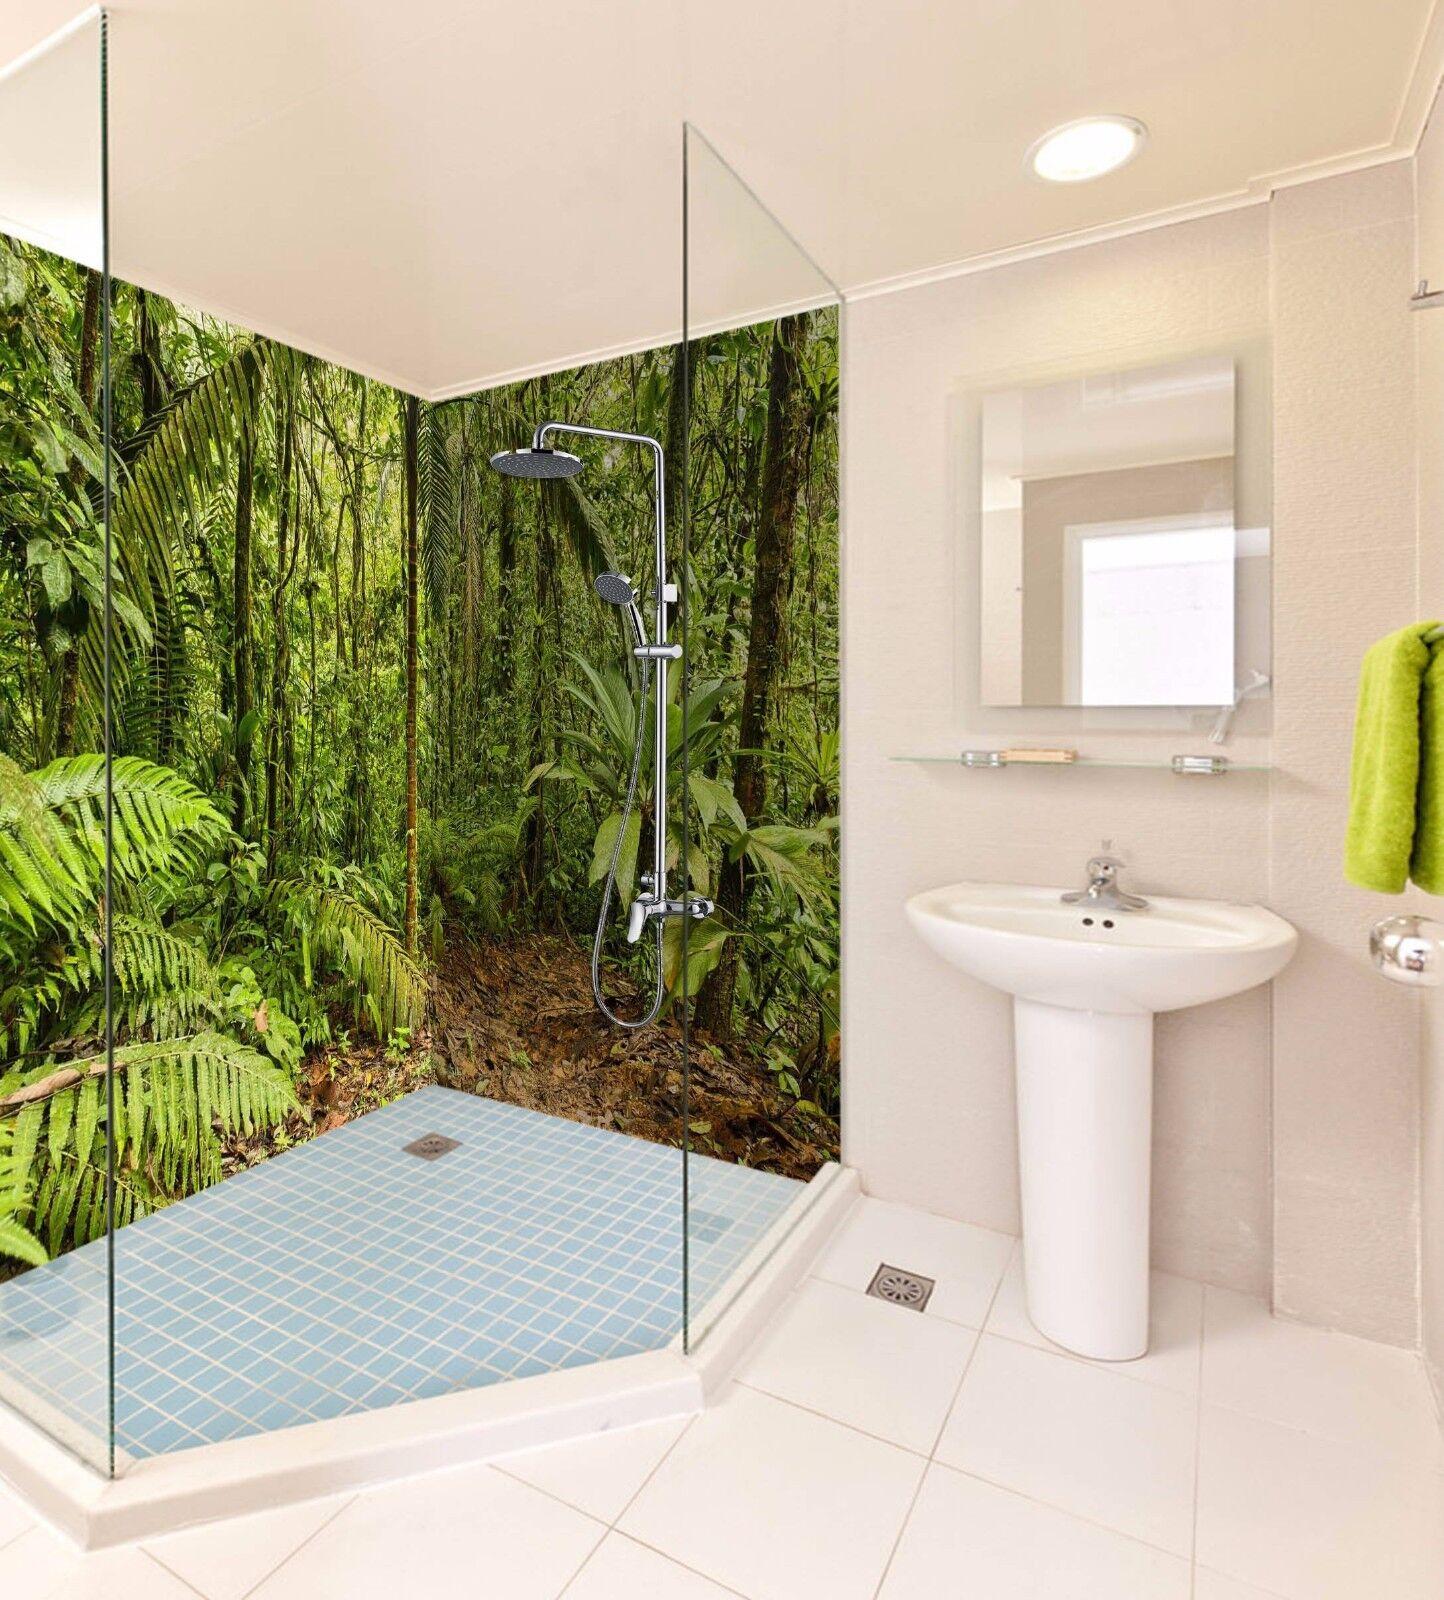 3D 3D 3D Jungle Tree 544 WallPaper Bathroom Print Decal Wall Deco AJ WALLPAPER AU 4b4b4d